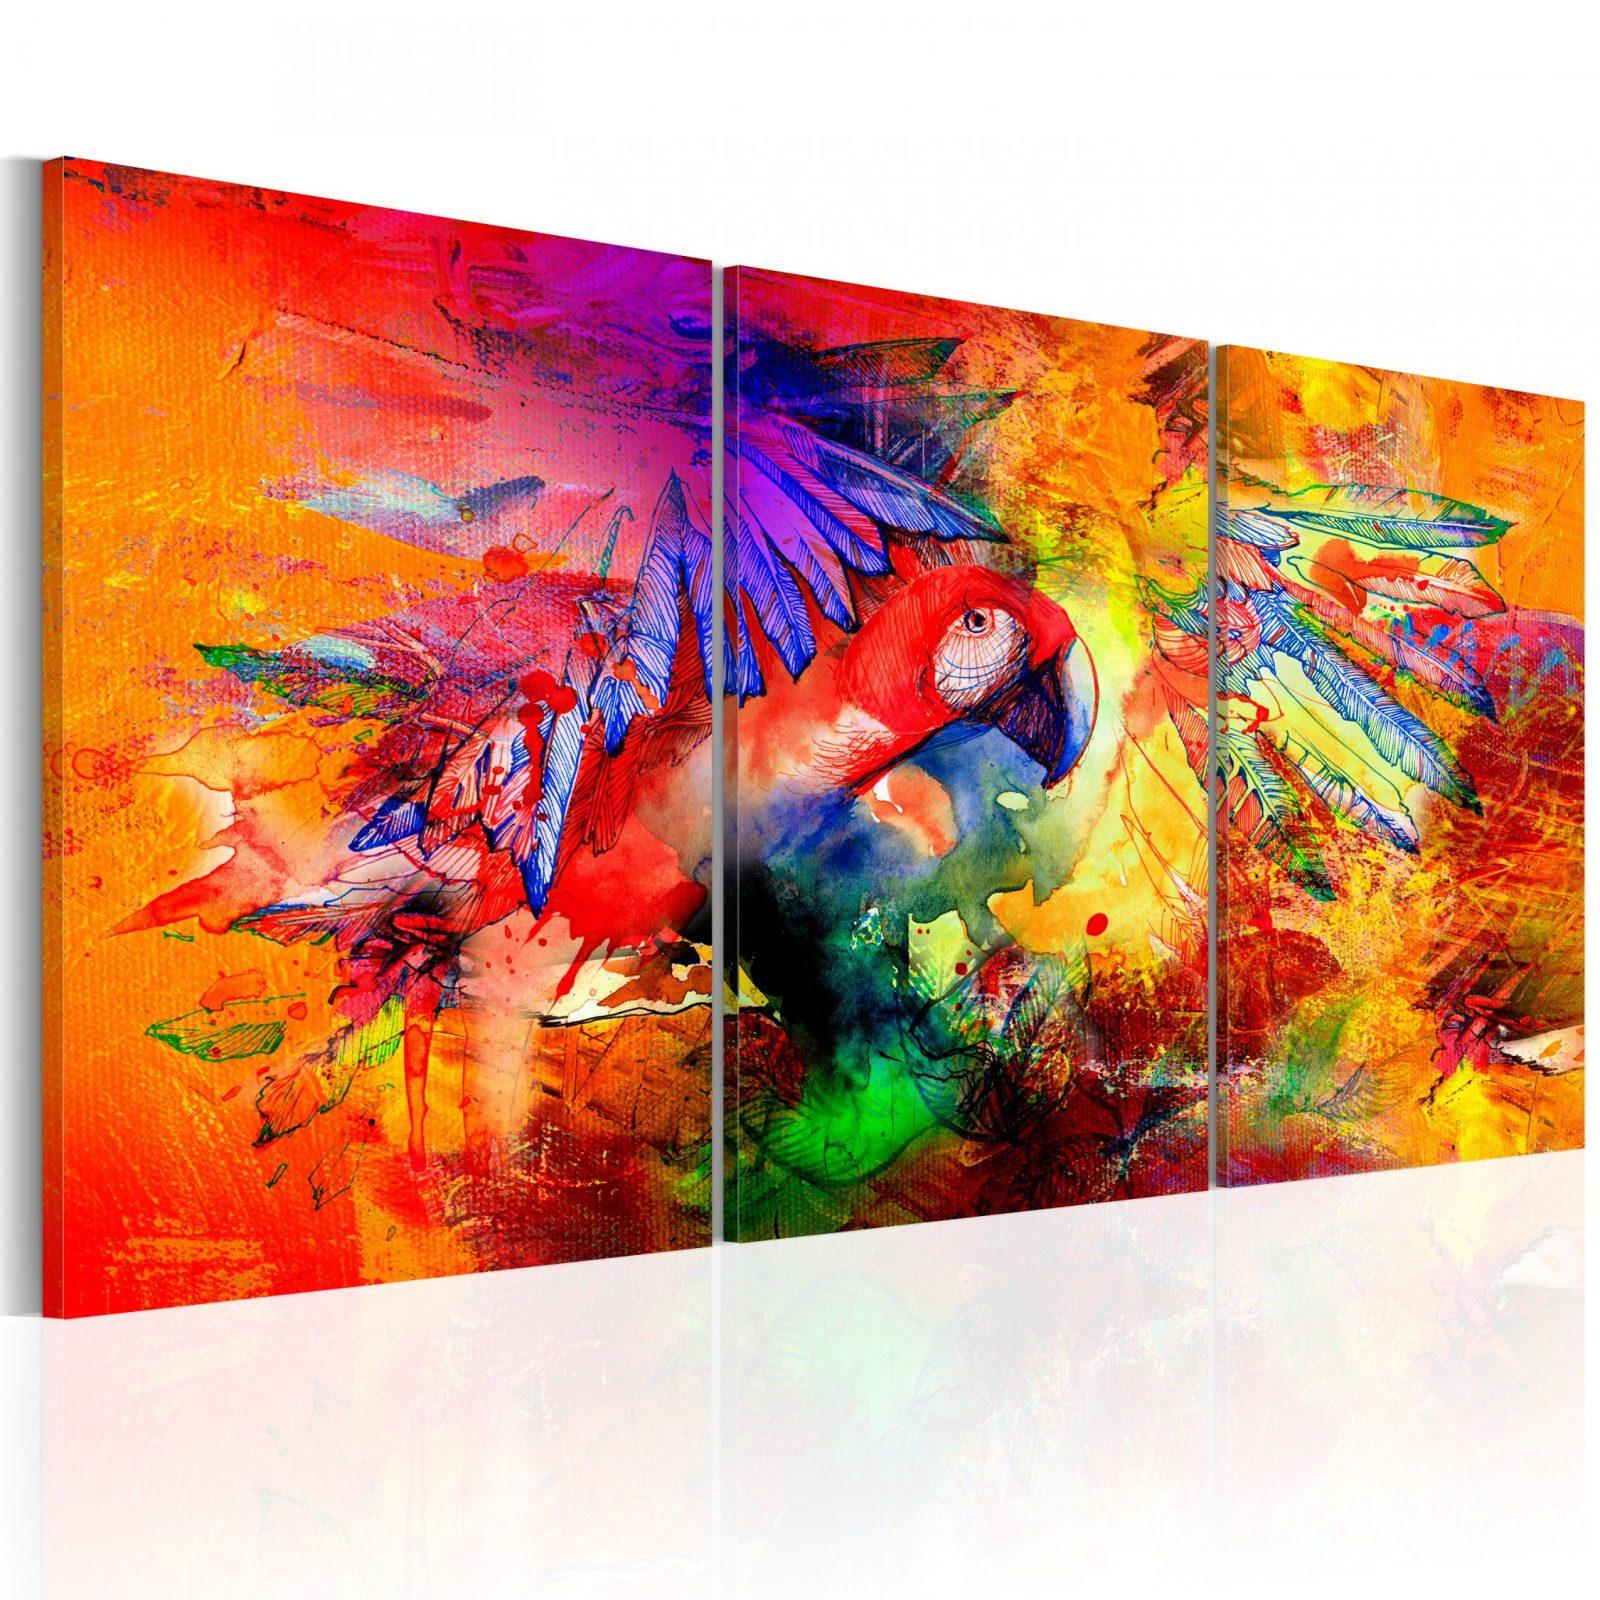 Wandbilder Xxl Wohnzimmer Leinwand Bilder Abstrakt Papagei Bunt Gb von Bilder Auf Leinwand Abstrakt Photo